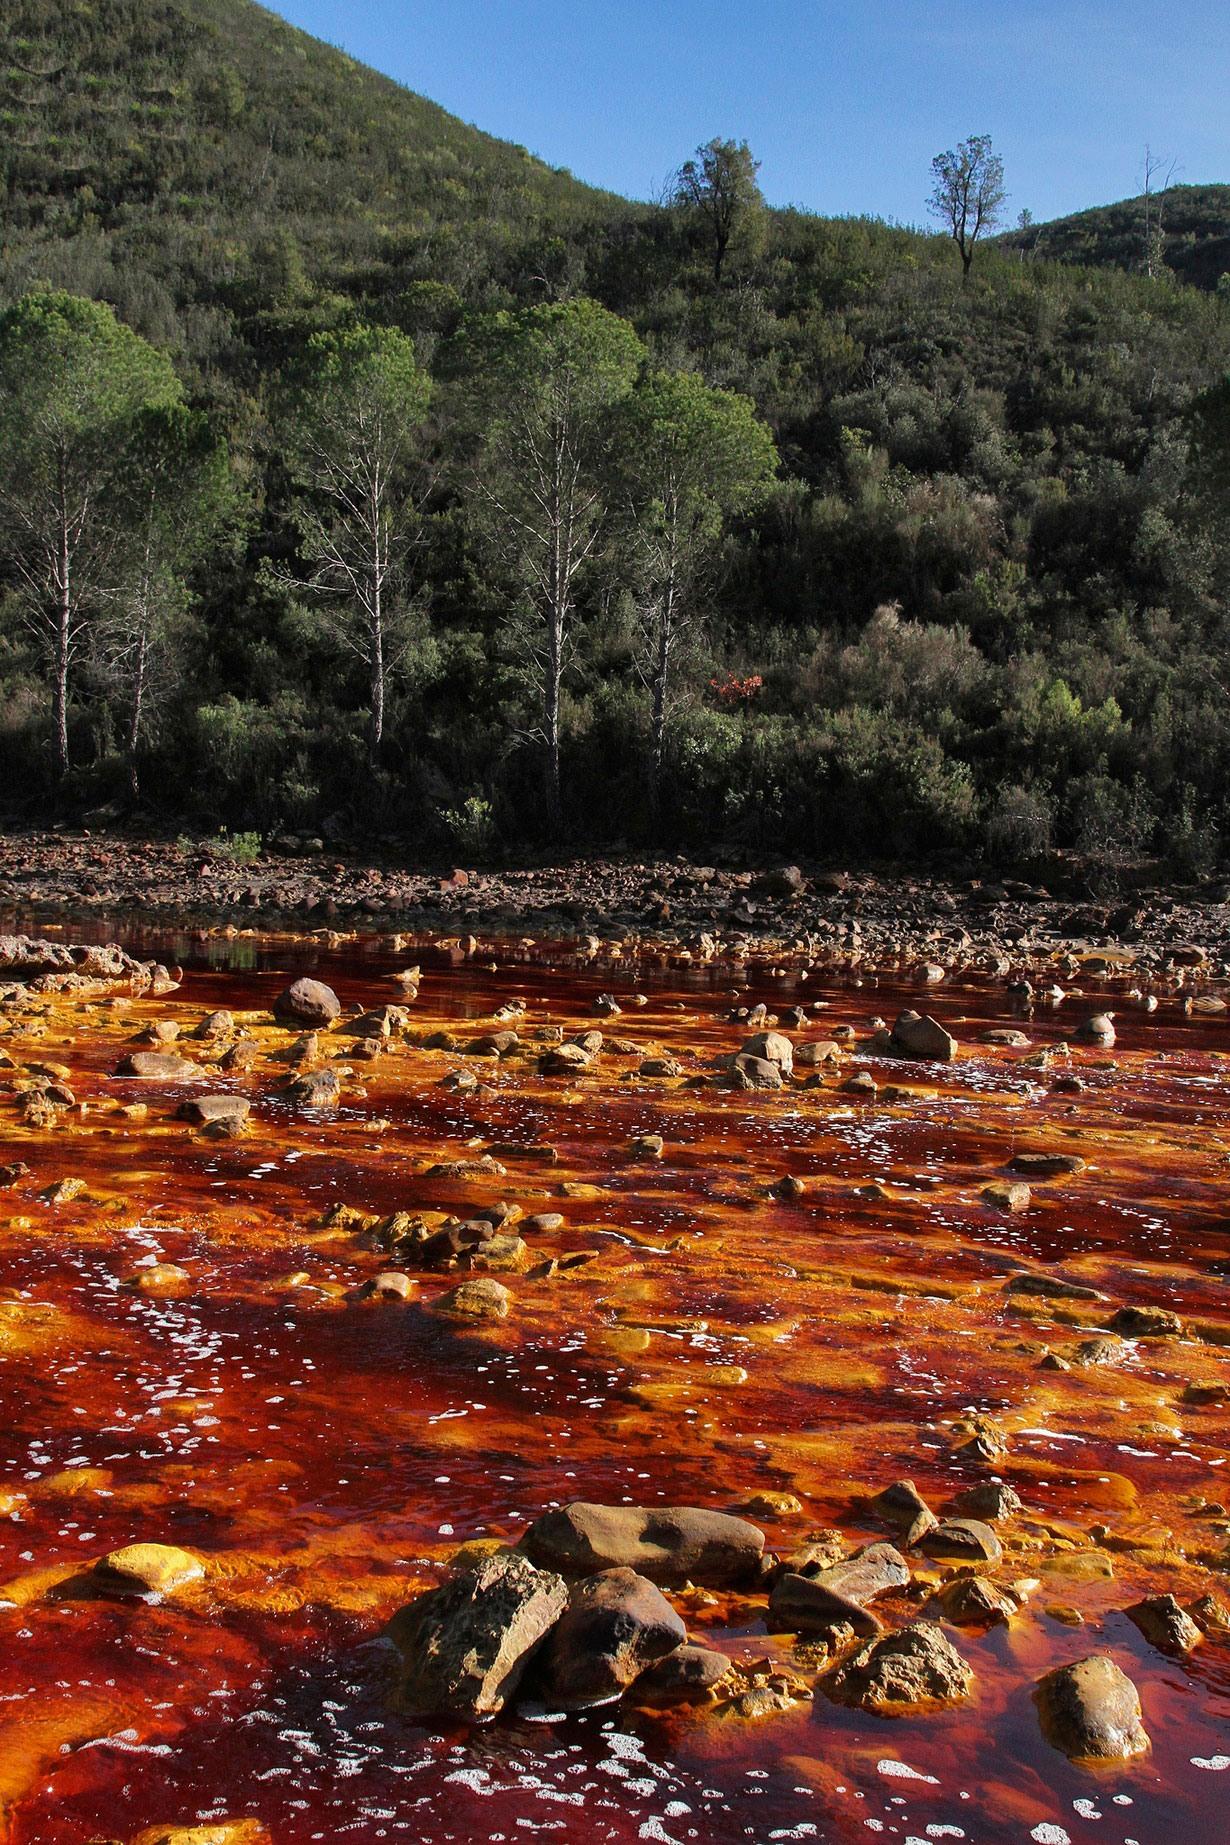 چرا آب این رودخانه در اندولس قرمز است؟